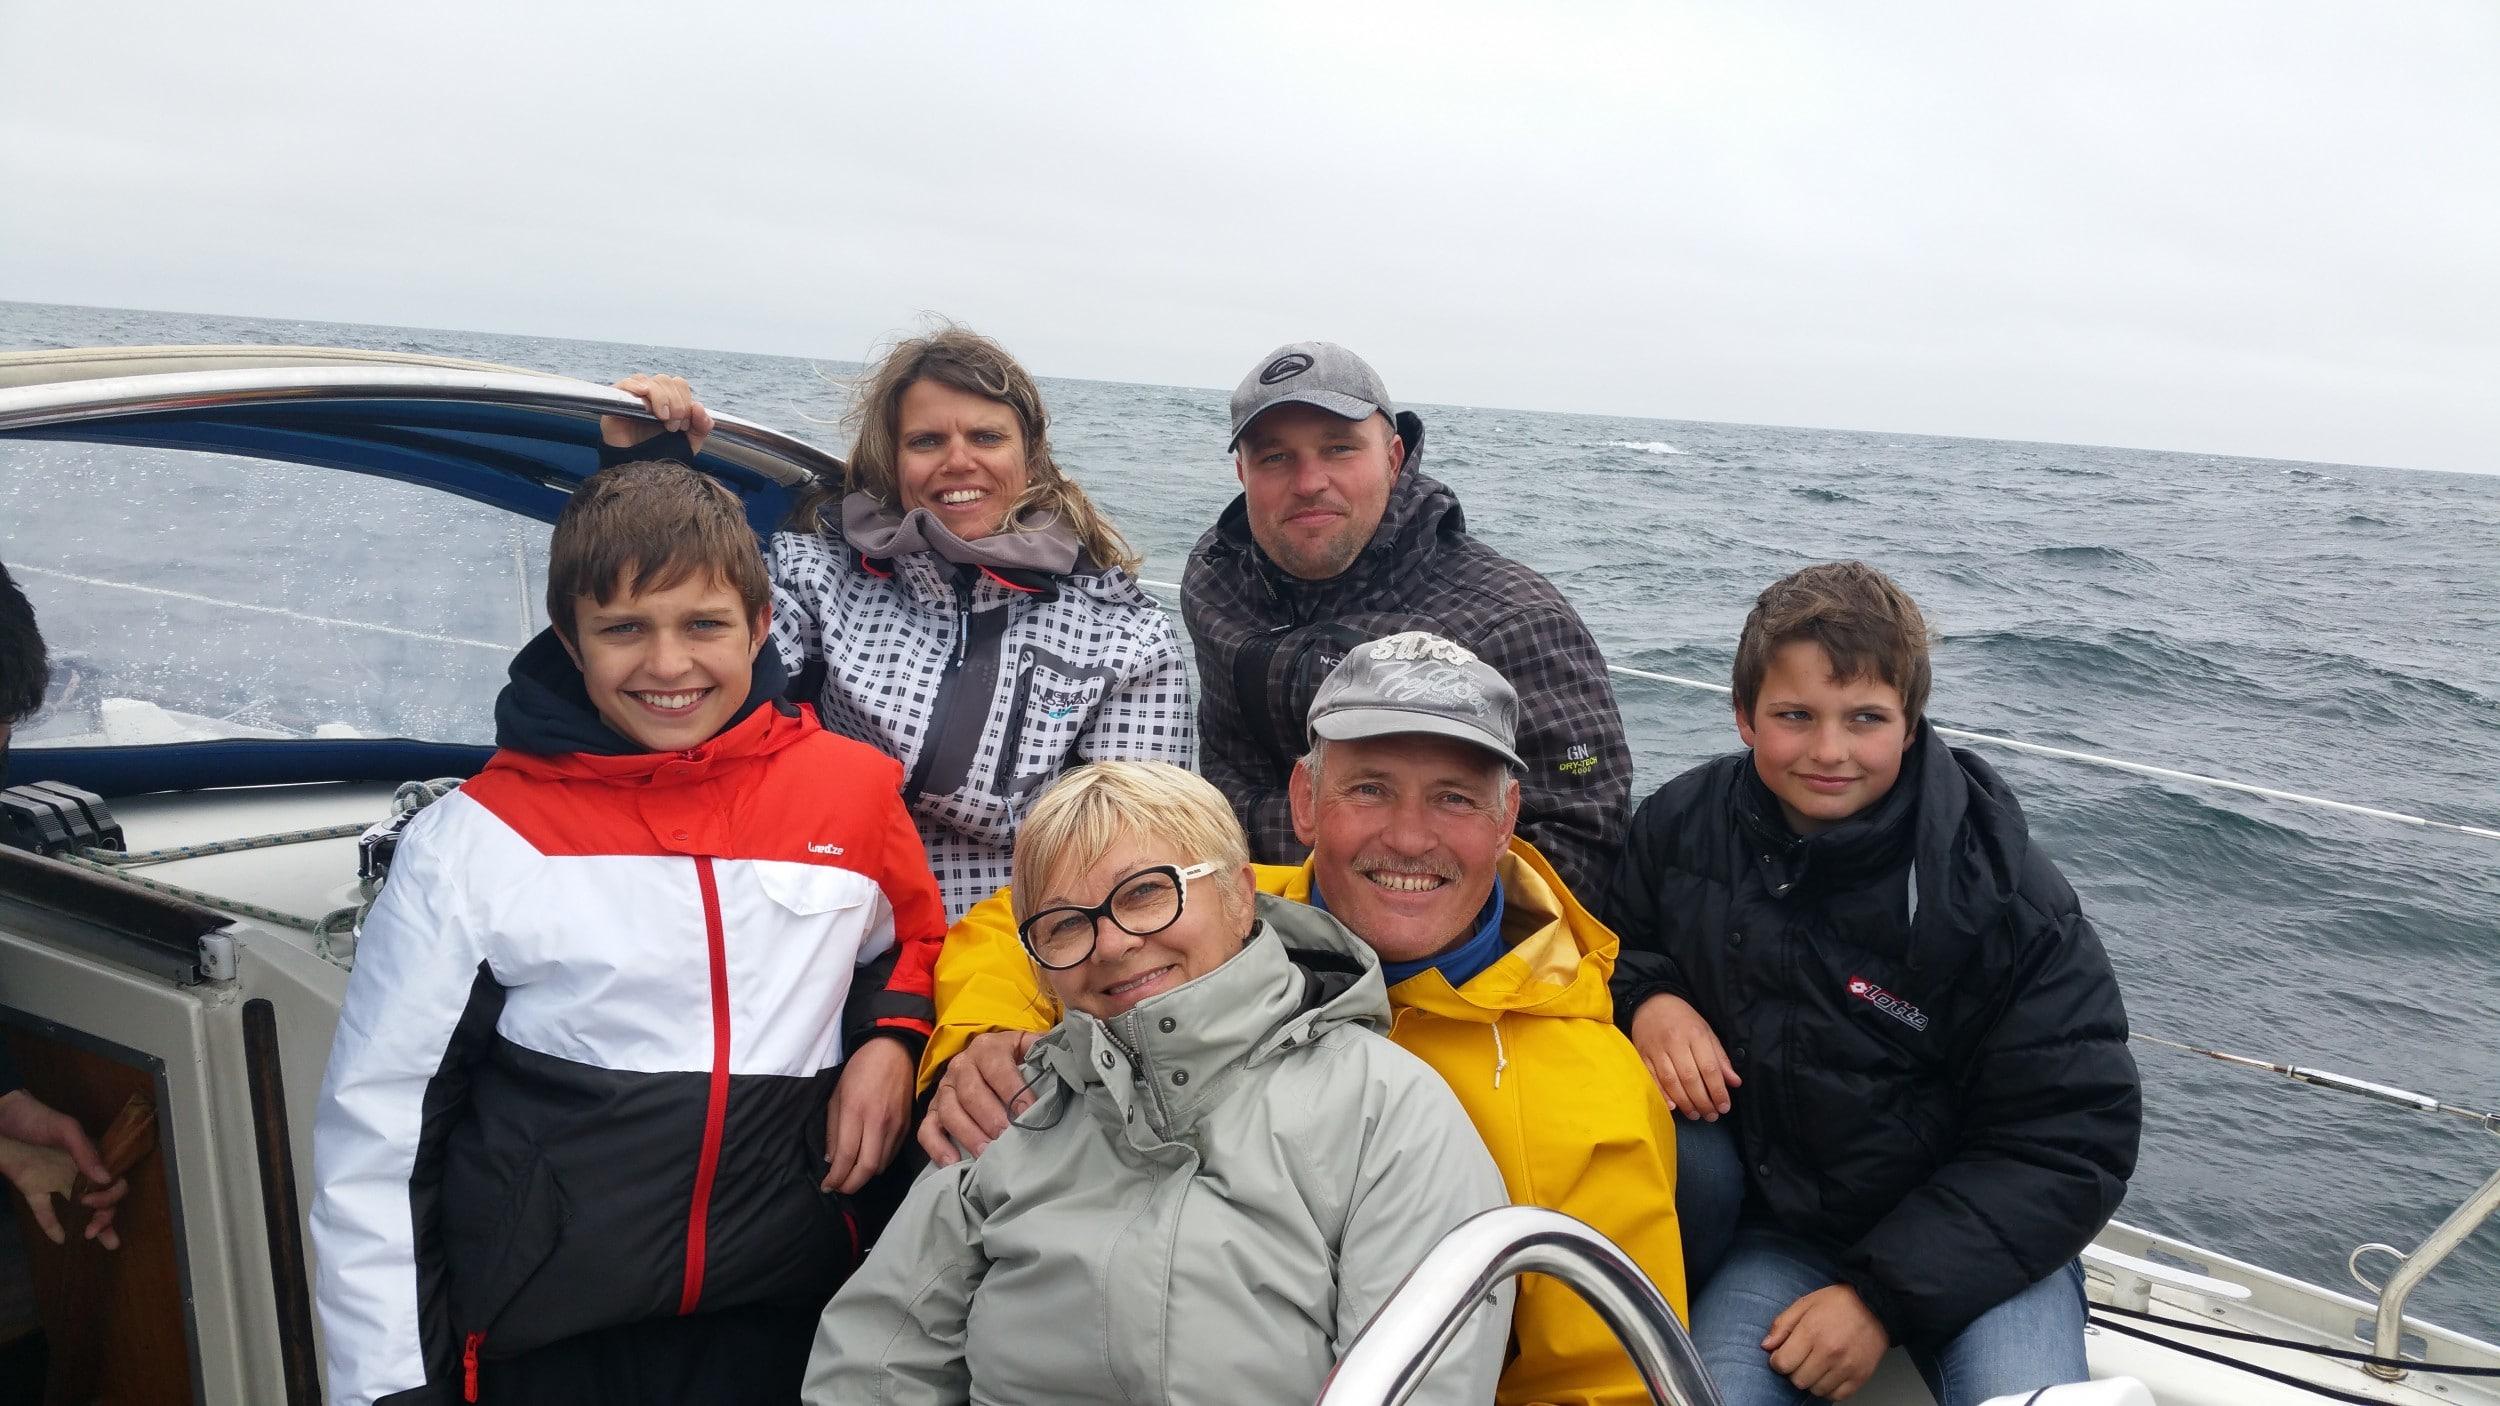 Famille à bord d'un voilier en mer - Skippair